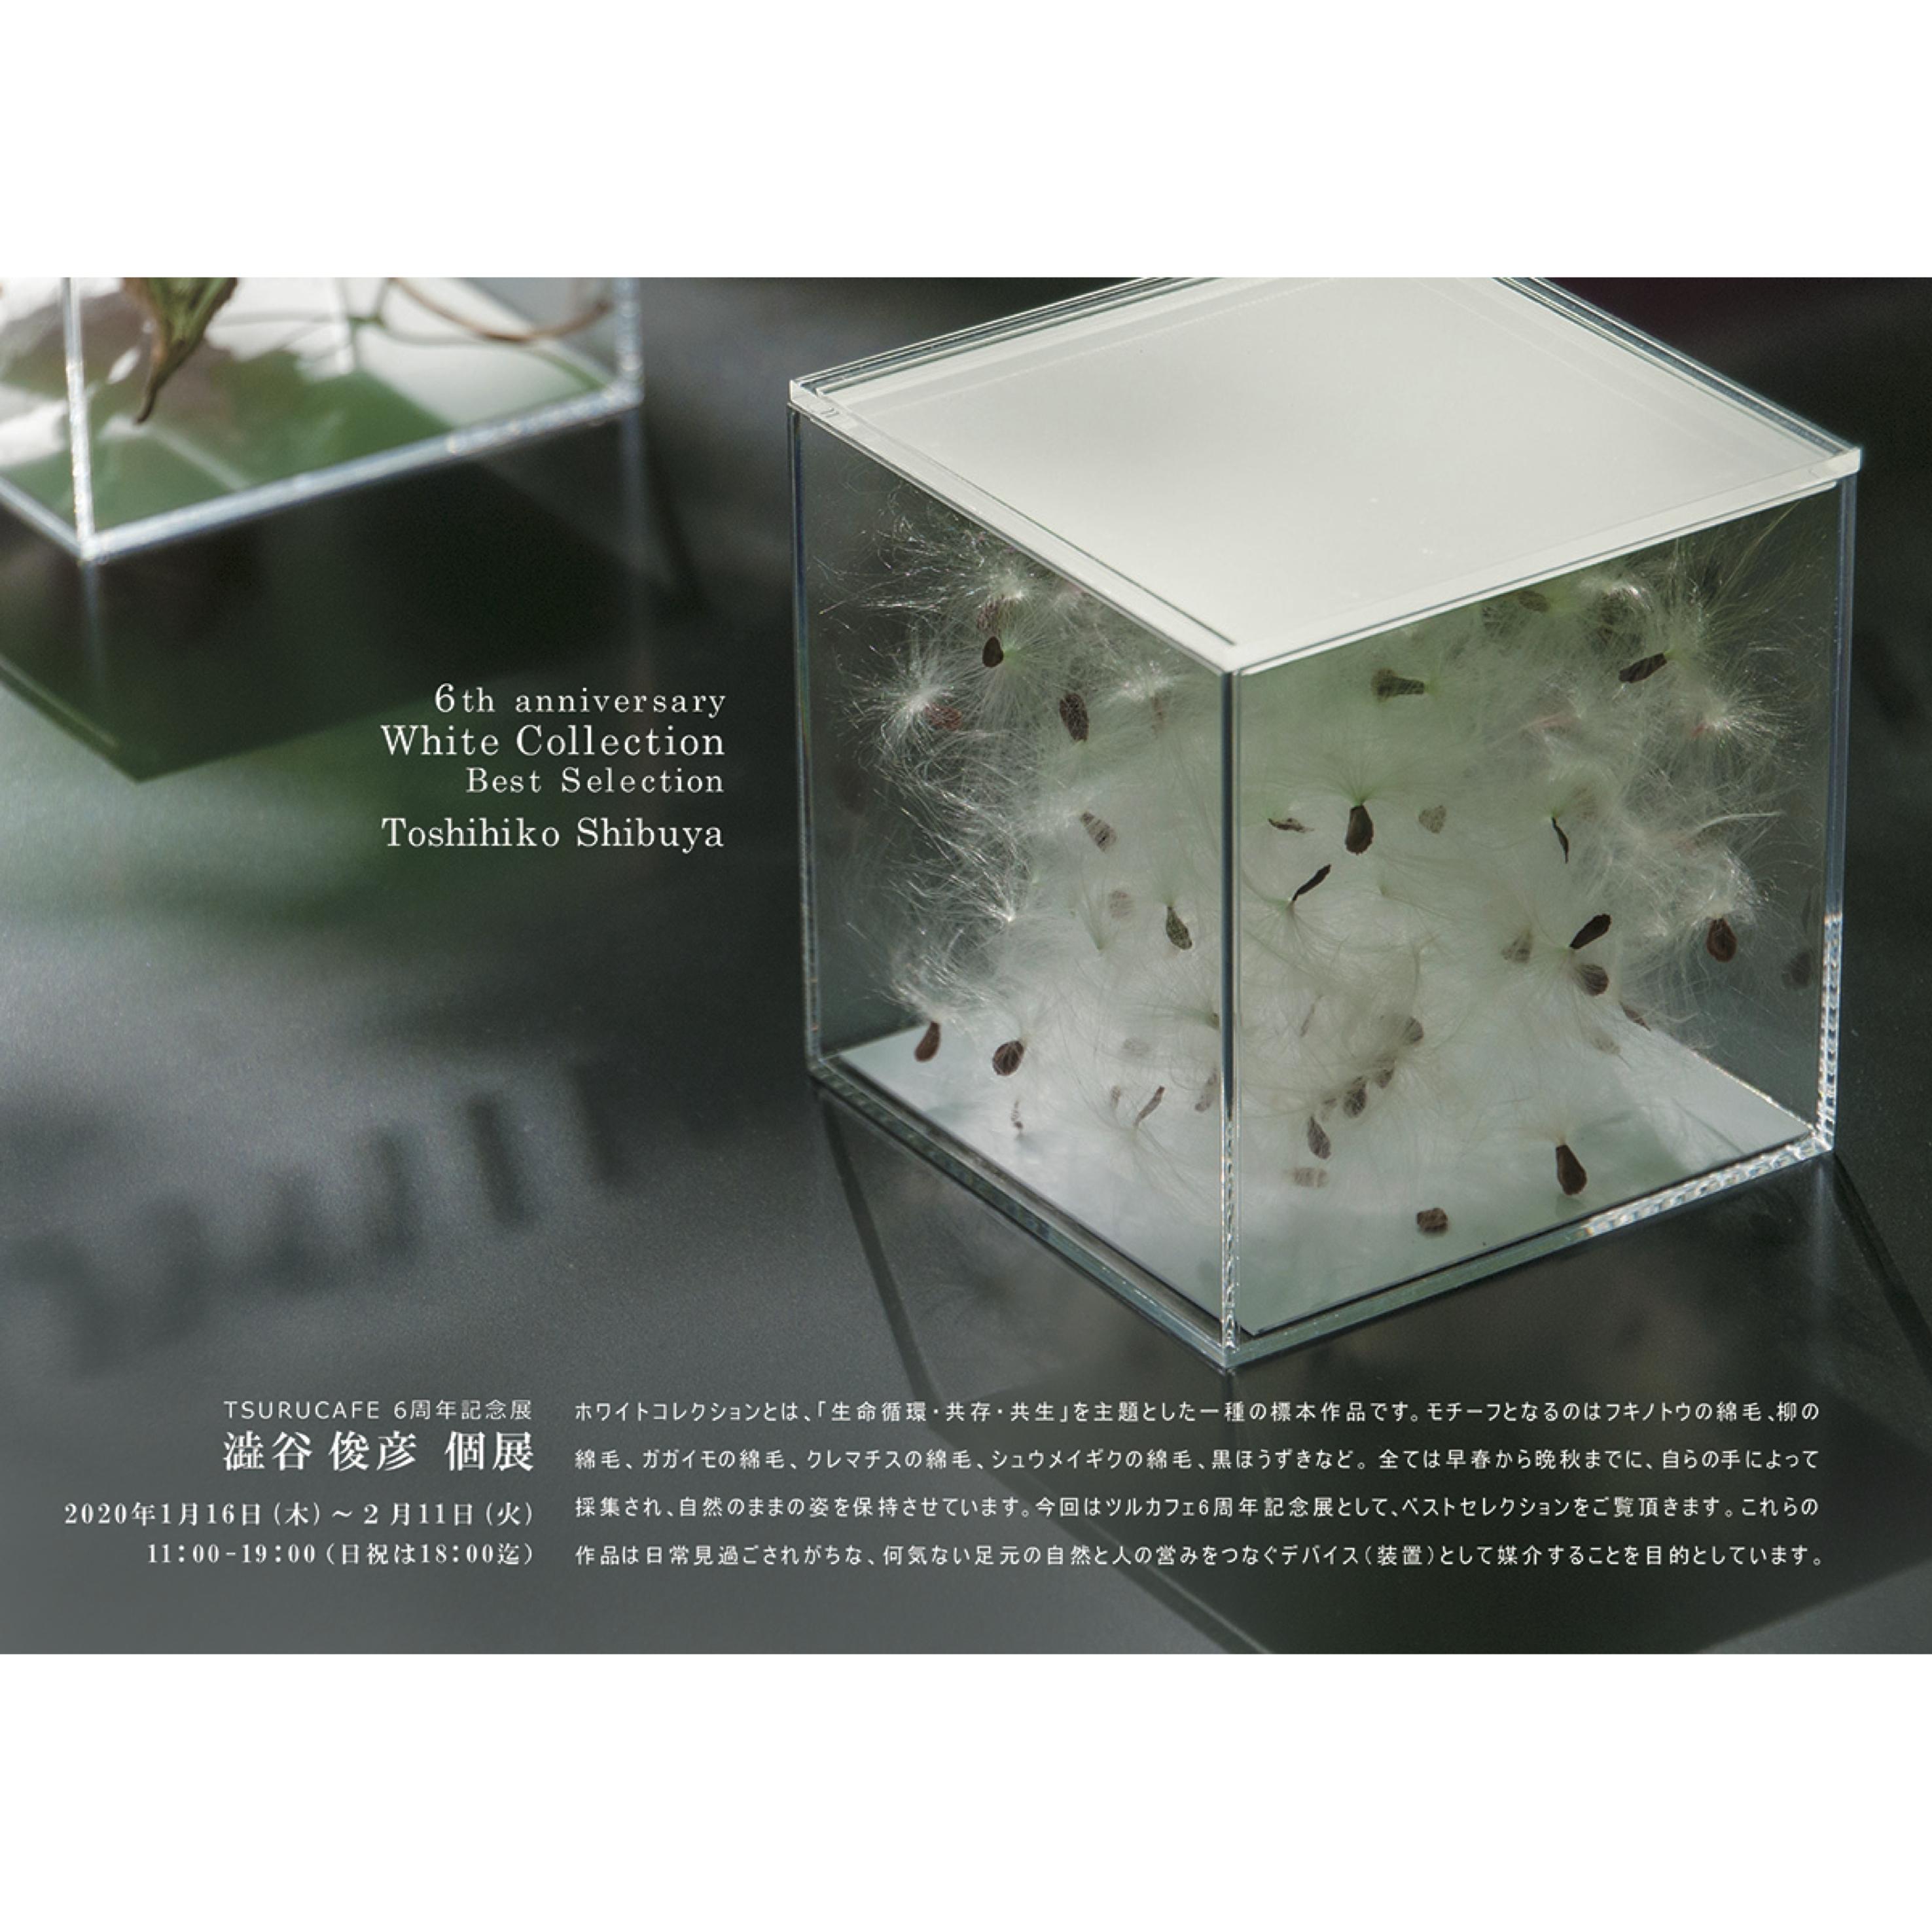 澁谷俊彦 個展『White Collection Best Selection』